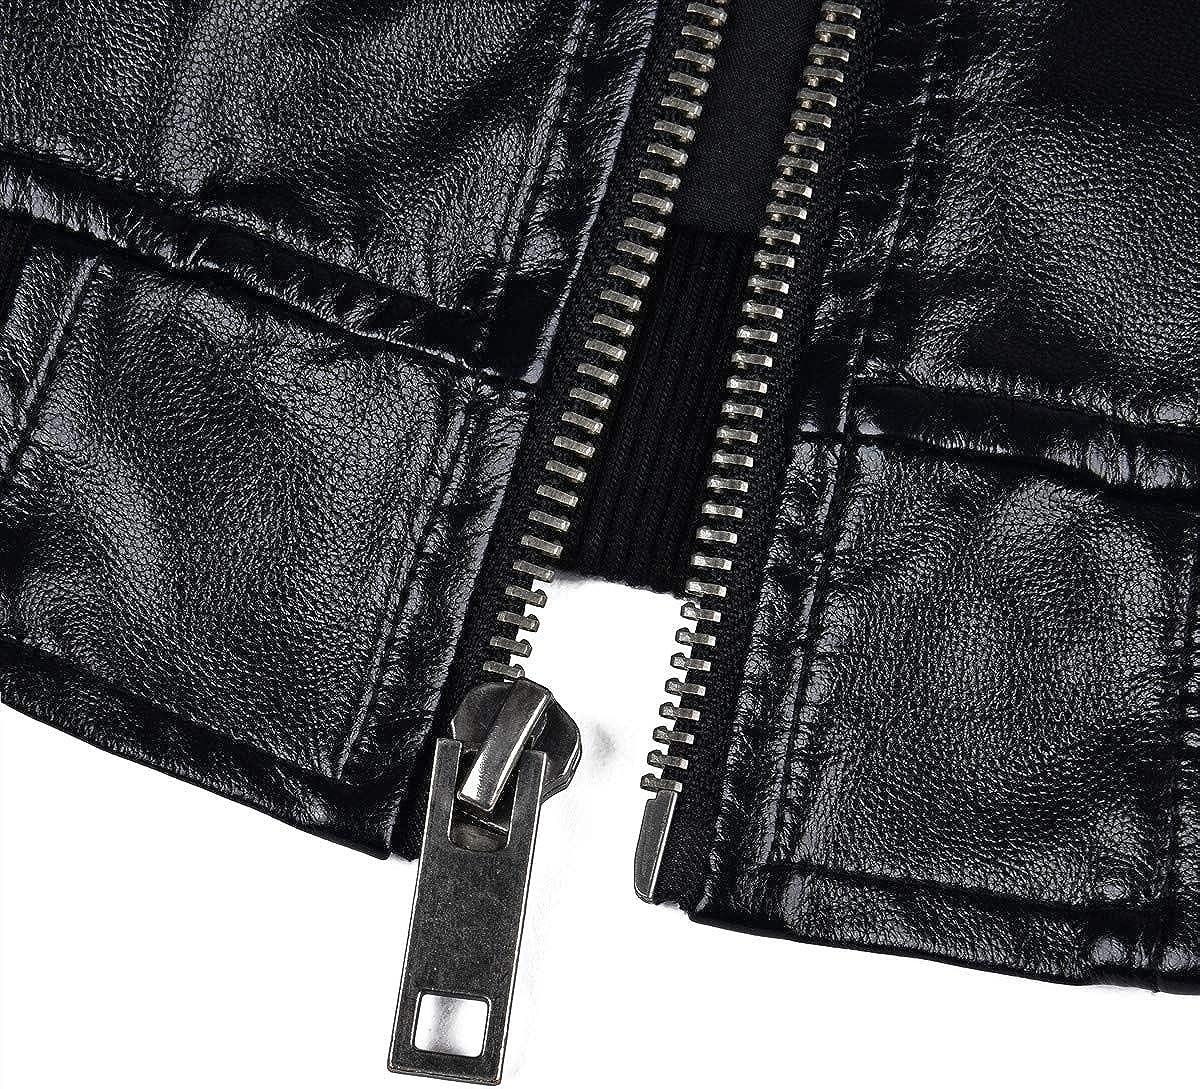 Chaqueta de piel sint/ética con capucha para hombre FAXIKIO chaqueta de motorista con capucha desmontable